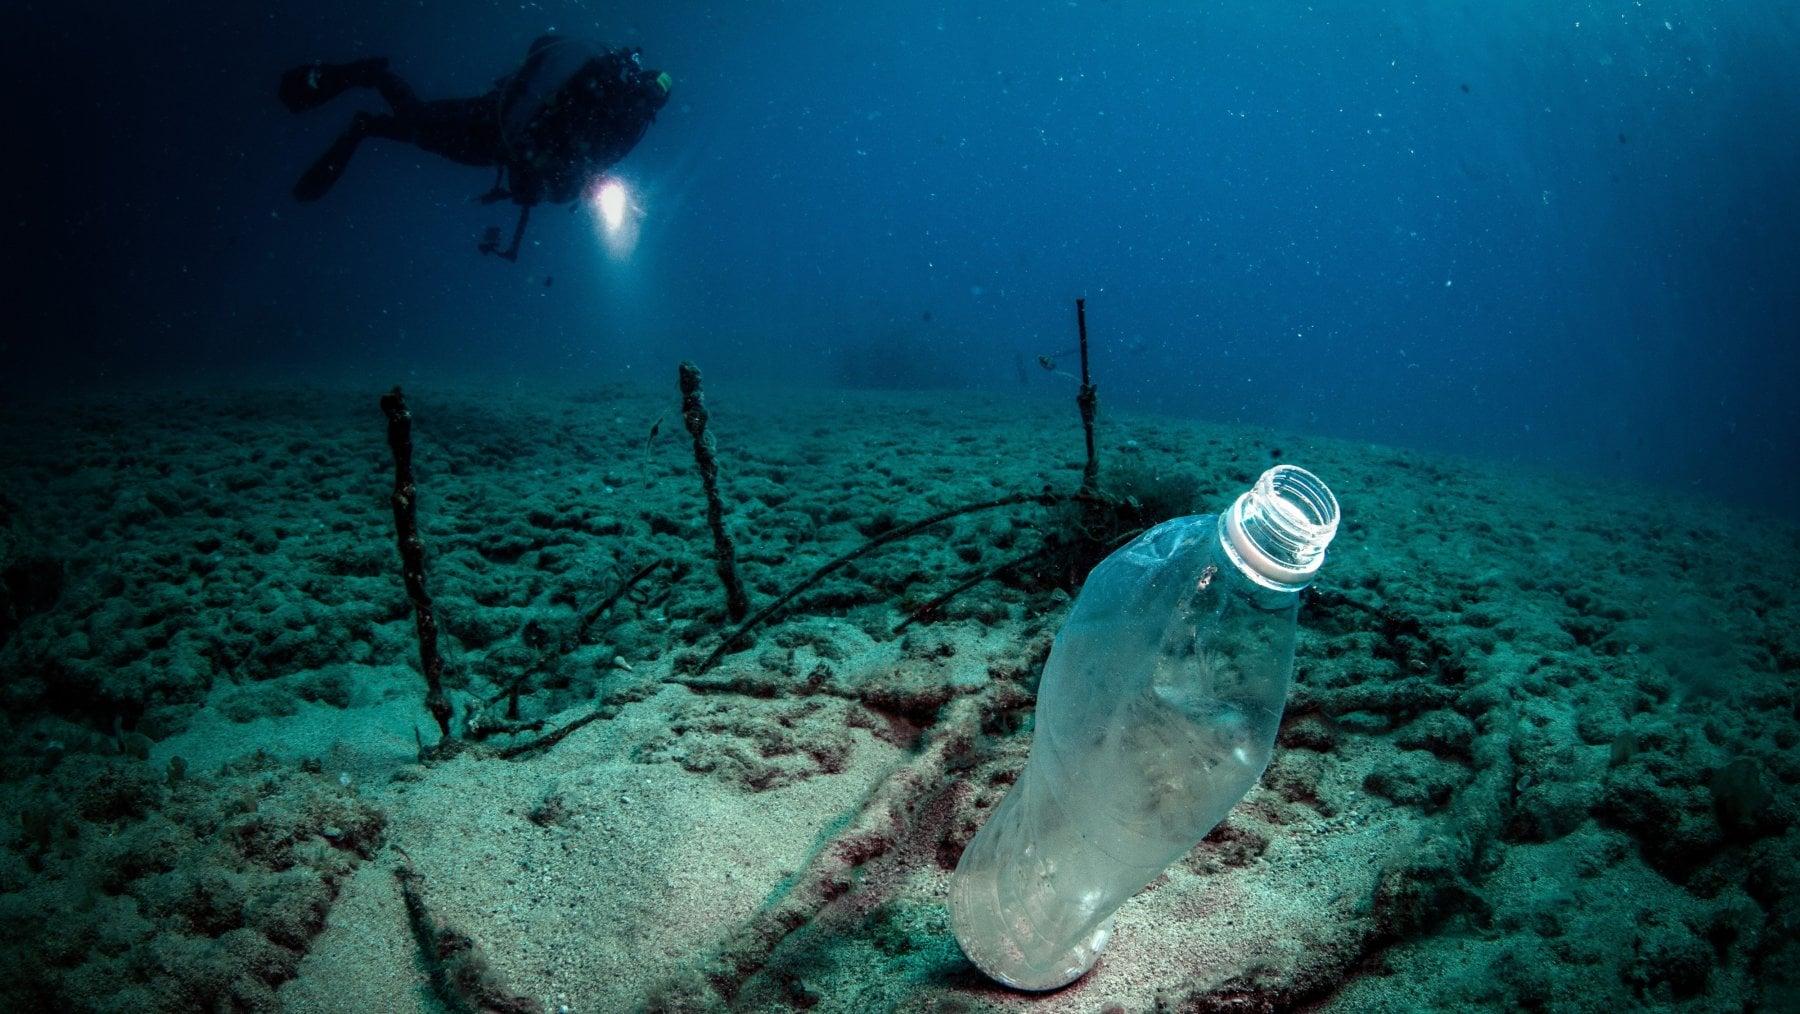 Microplásticos en el fondo marino-posdata digital press